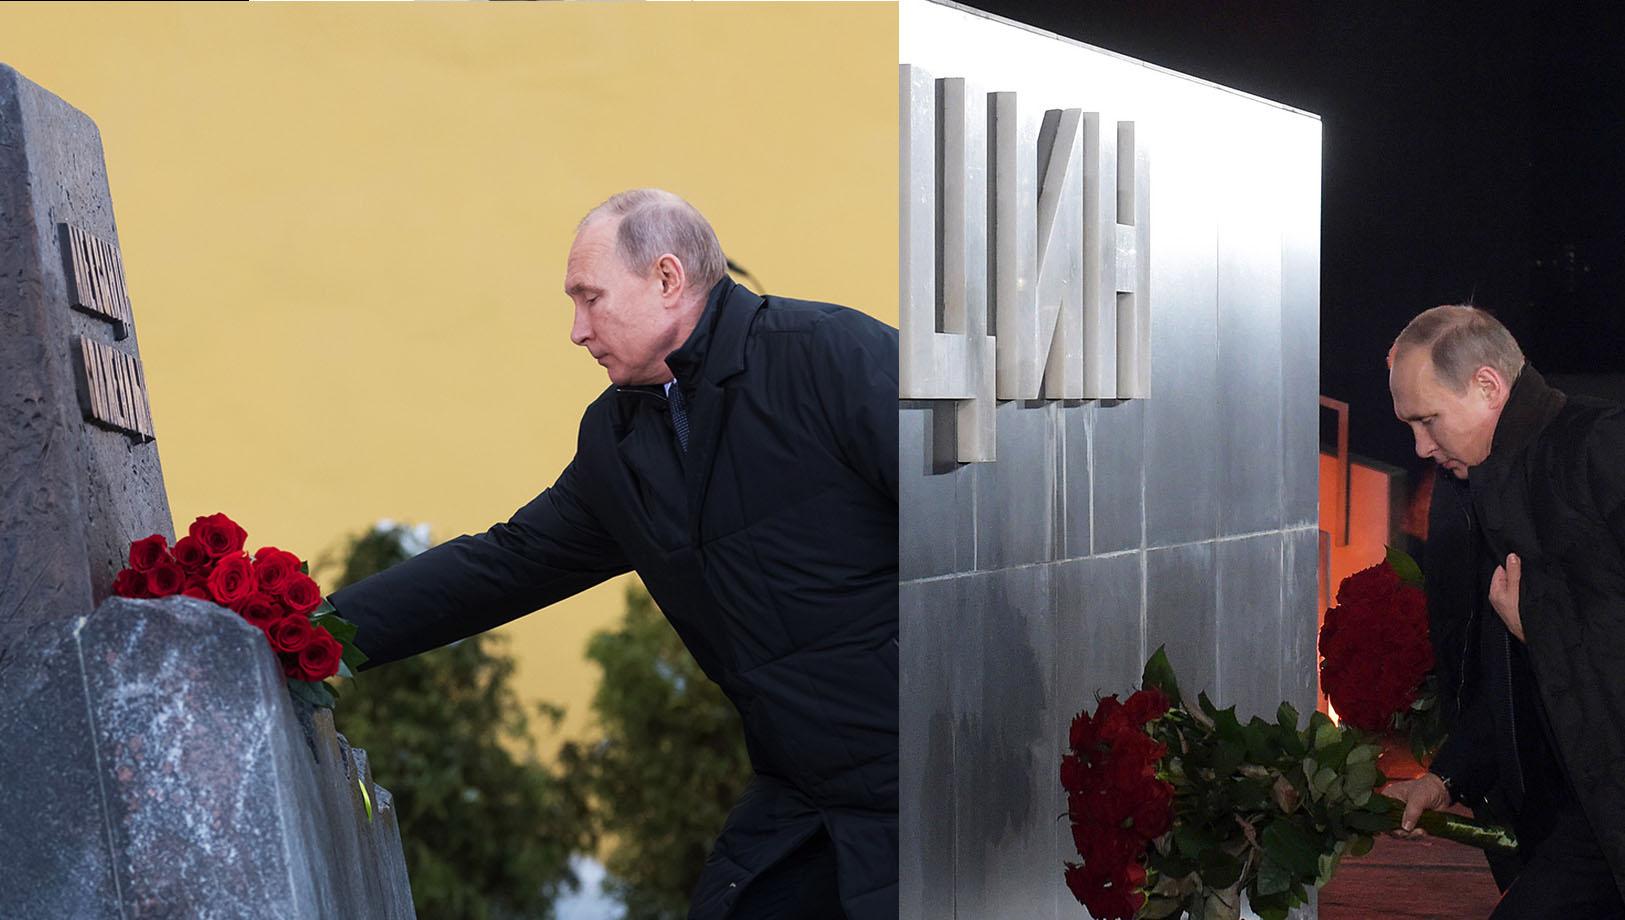 17 июня - день предателя России